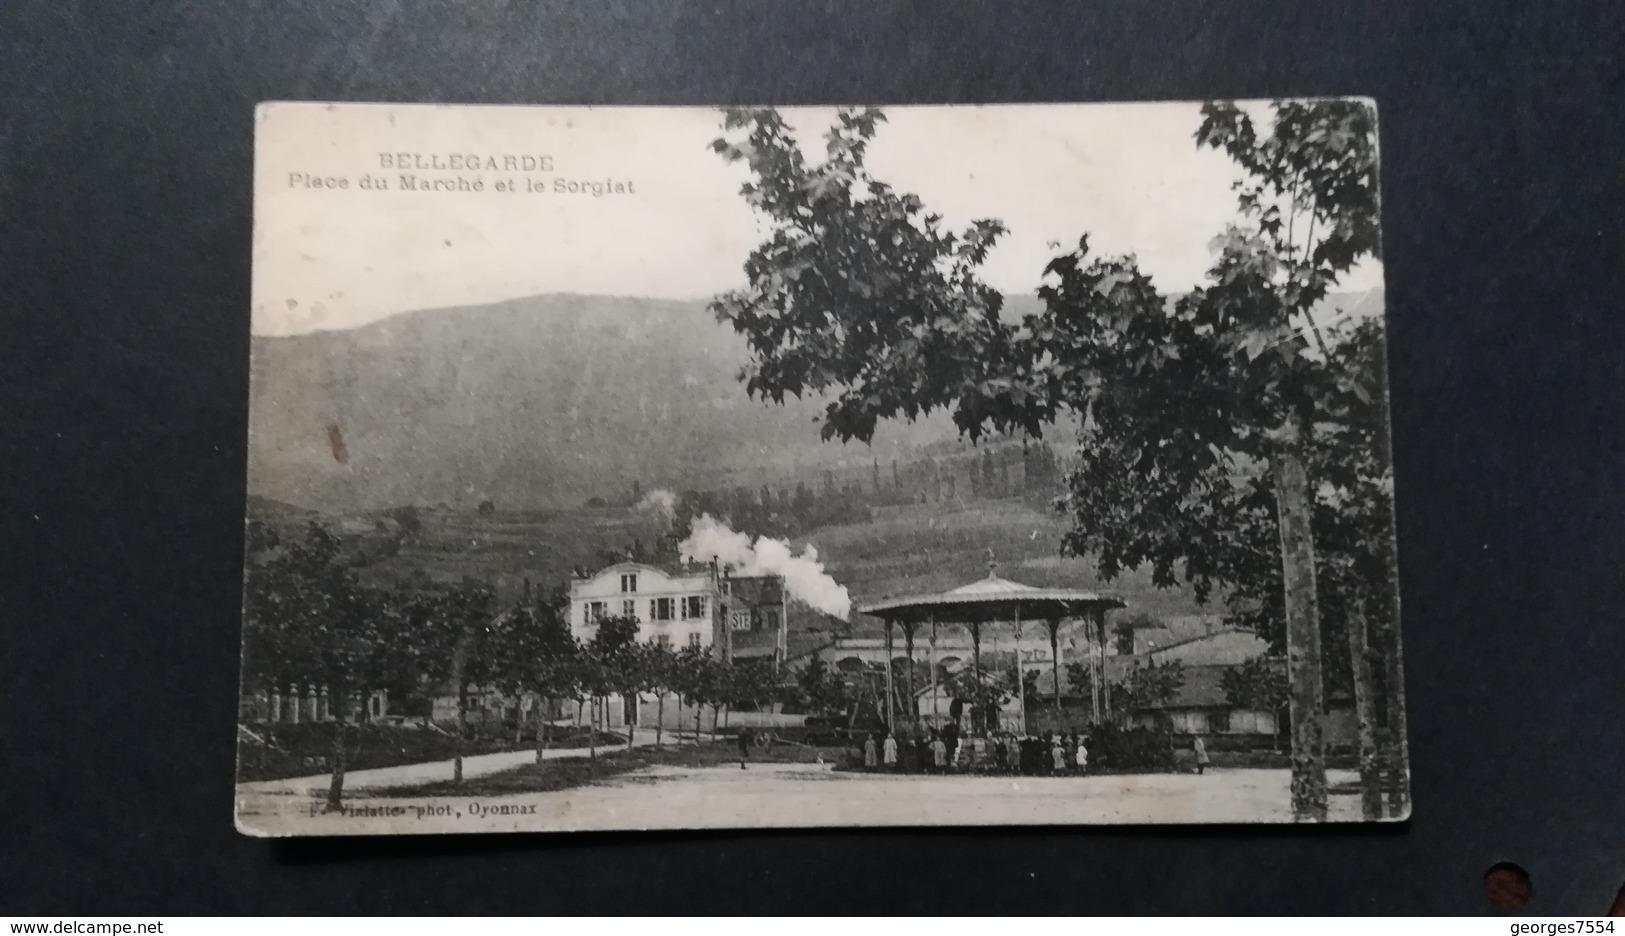 01 - BELLEGARDE - PLACE DU MARCHE ET LE SORGIAT - Bellegarde-sur-Valserine